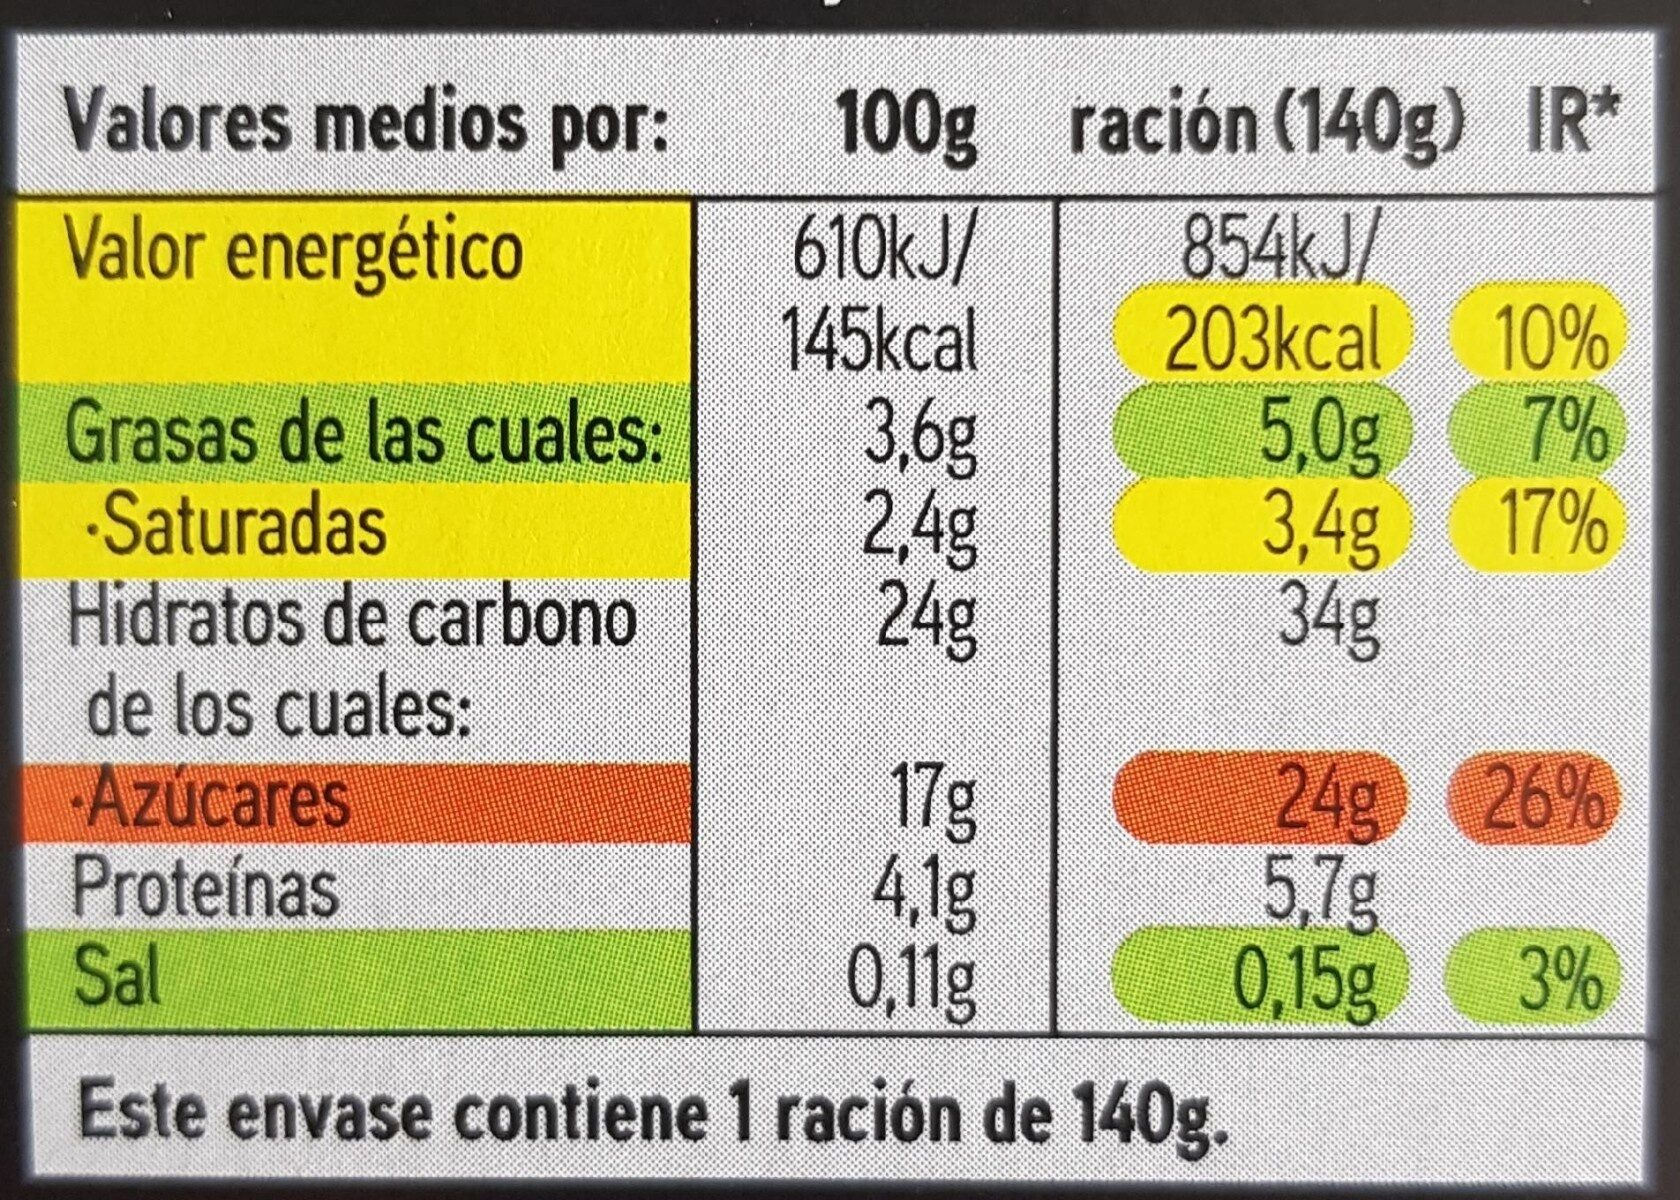 Arroz con leche - Información nutricional - es